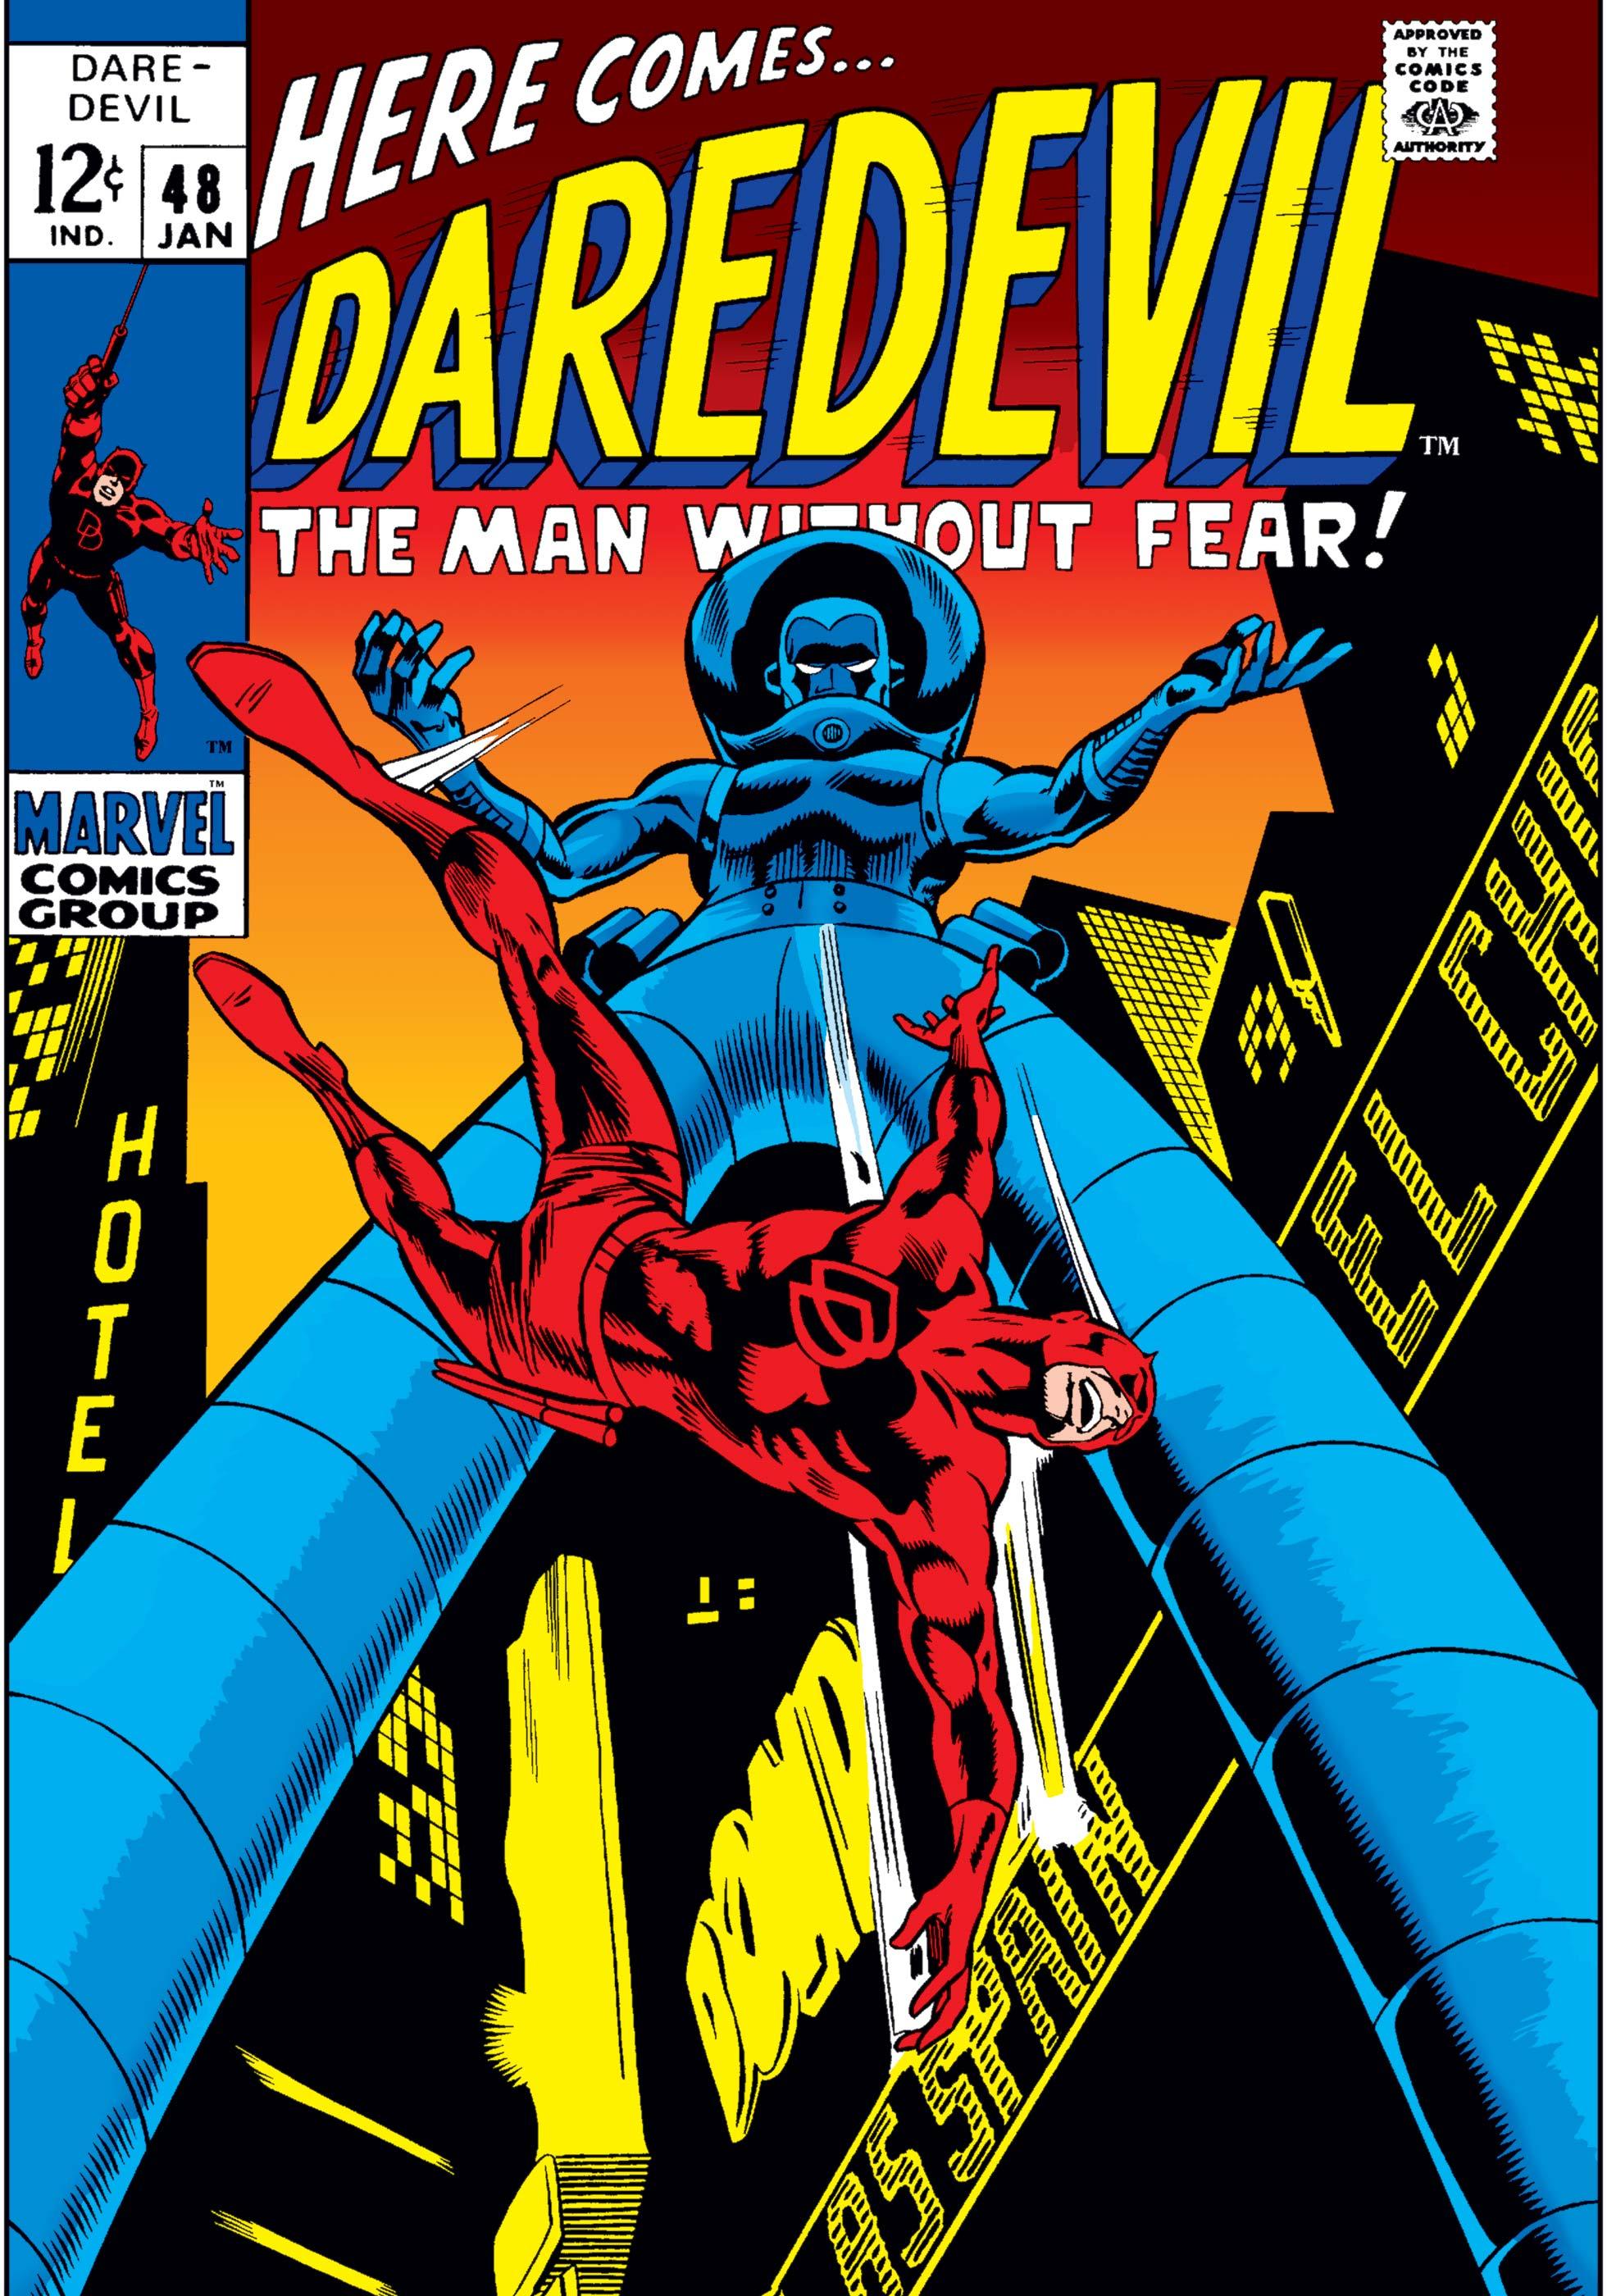 Daredevil (1964) #48